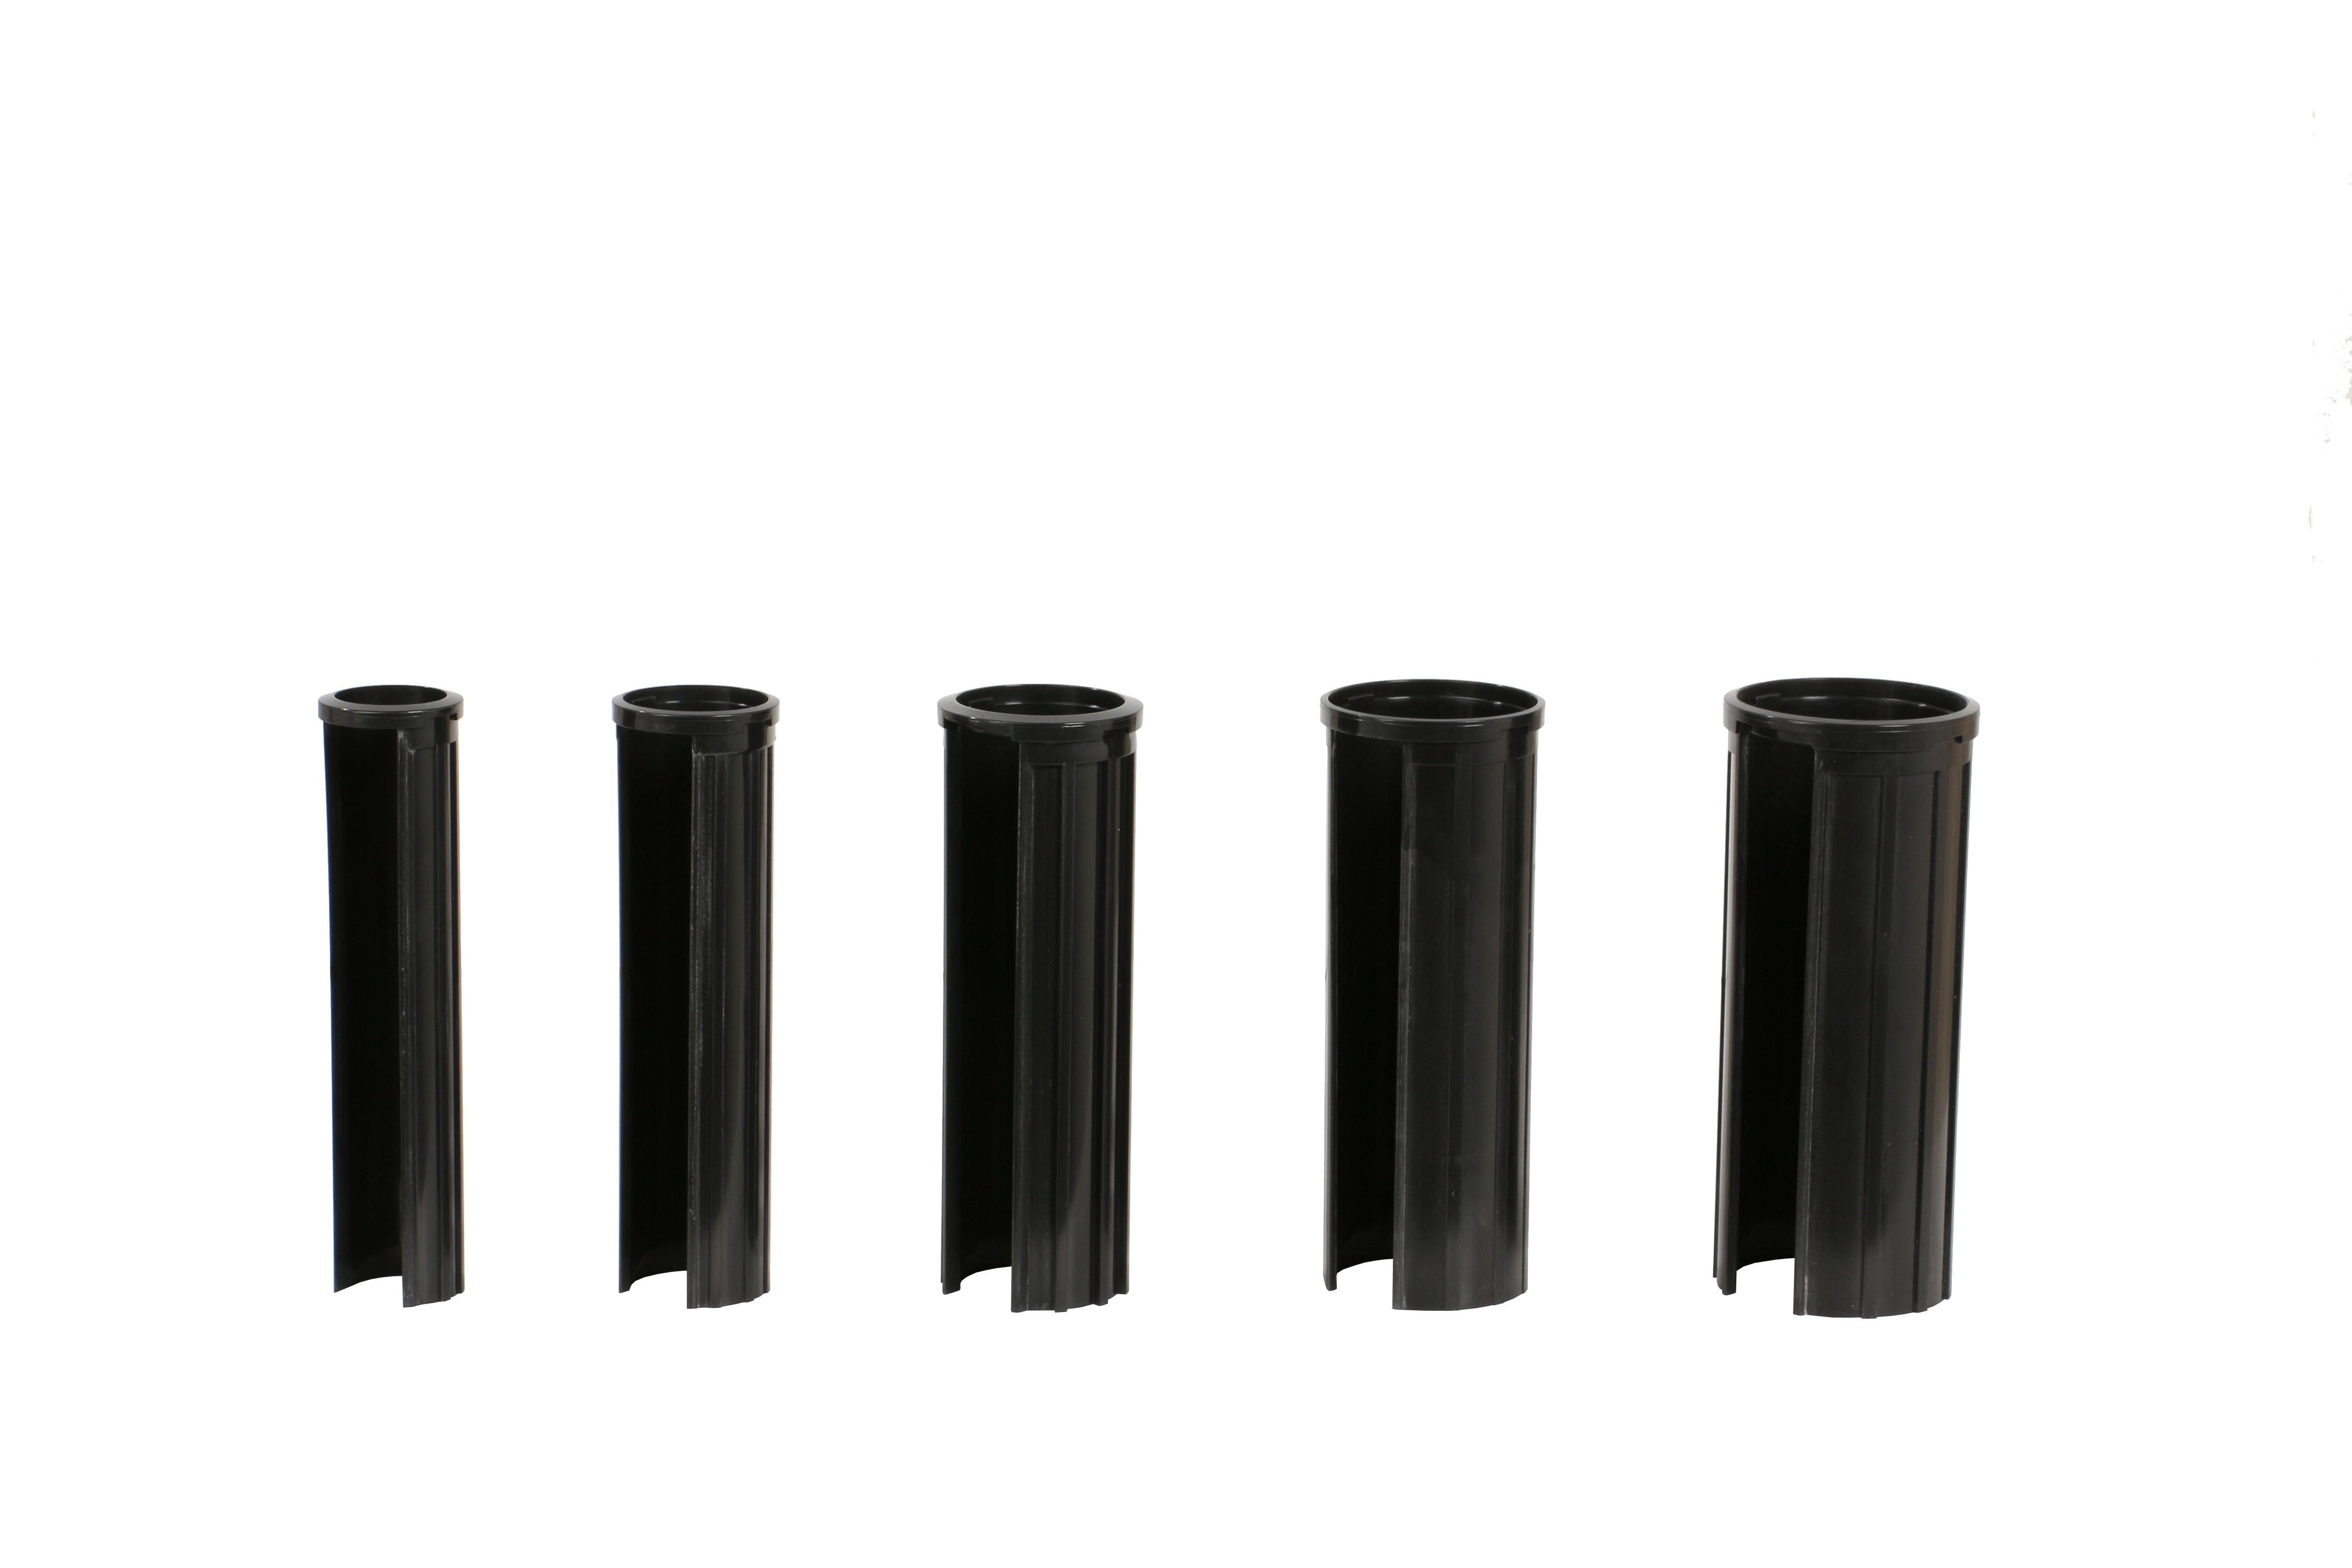 xxl reduzierringe f r schirmst nder 25 52mm innendurchmesser schirmst nder sonnenschutz. Black Bedroom Furniture Sets. Home Design Ideas